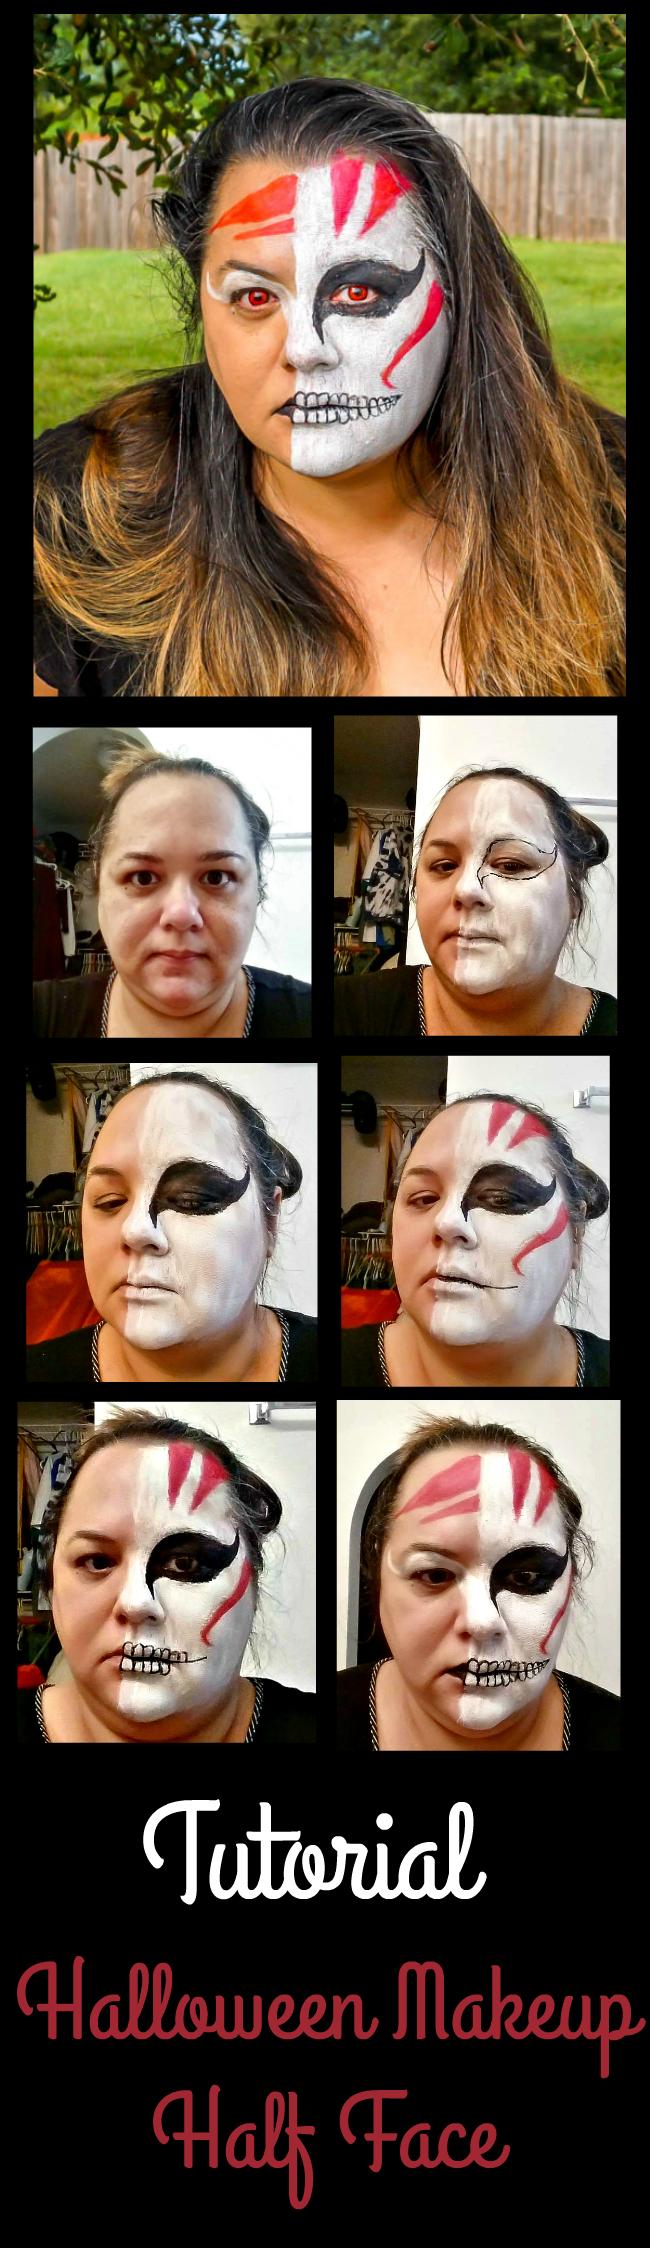 Halloween Makeup Half Face Tutorial 2015